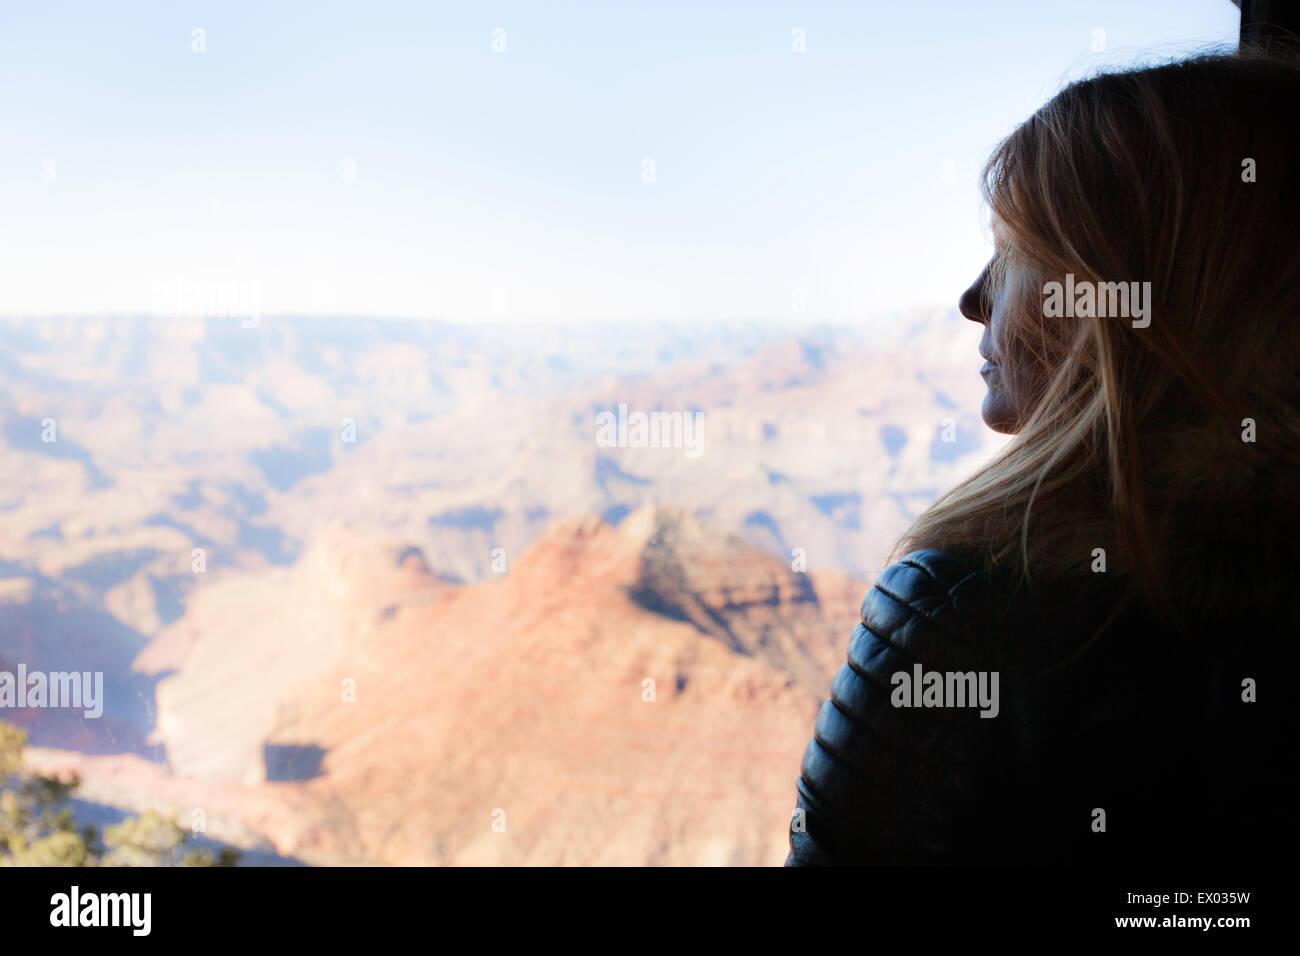 Woman gazing at Grand Canyon, Arizona, USA - Stock Image